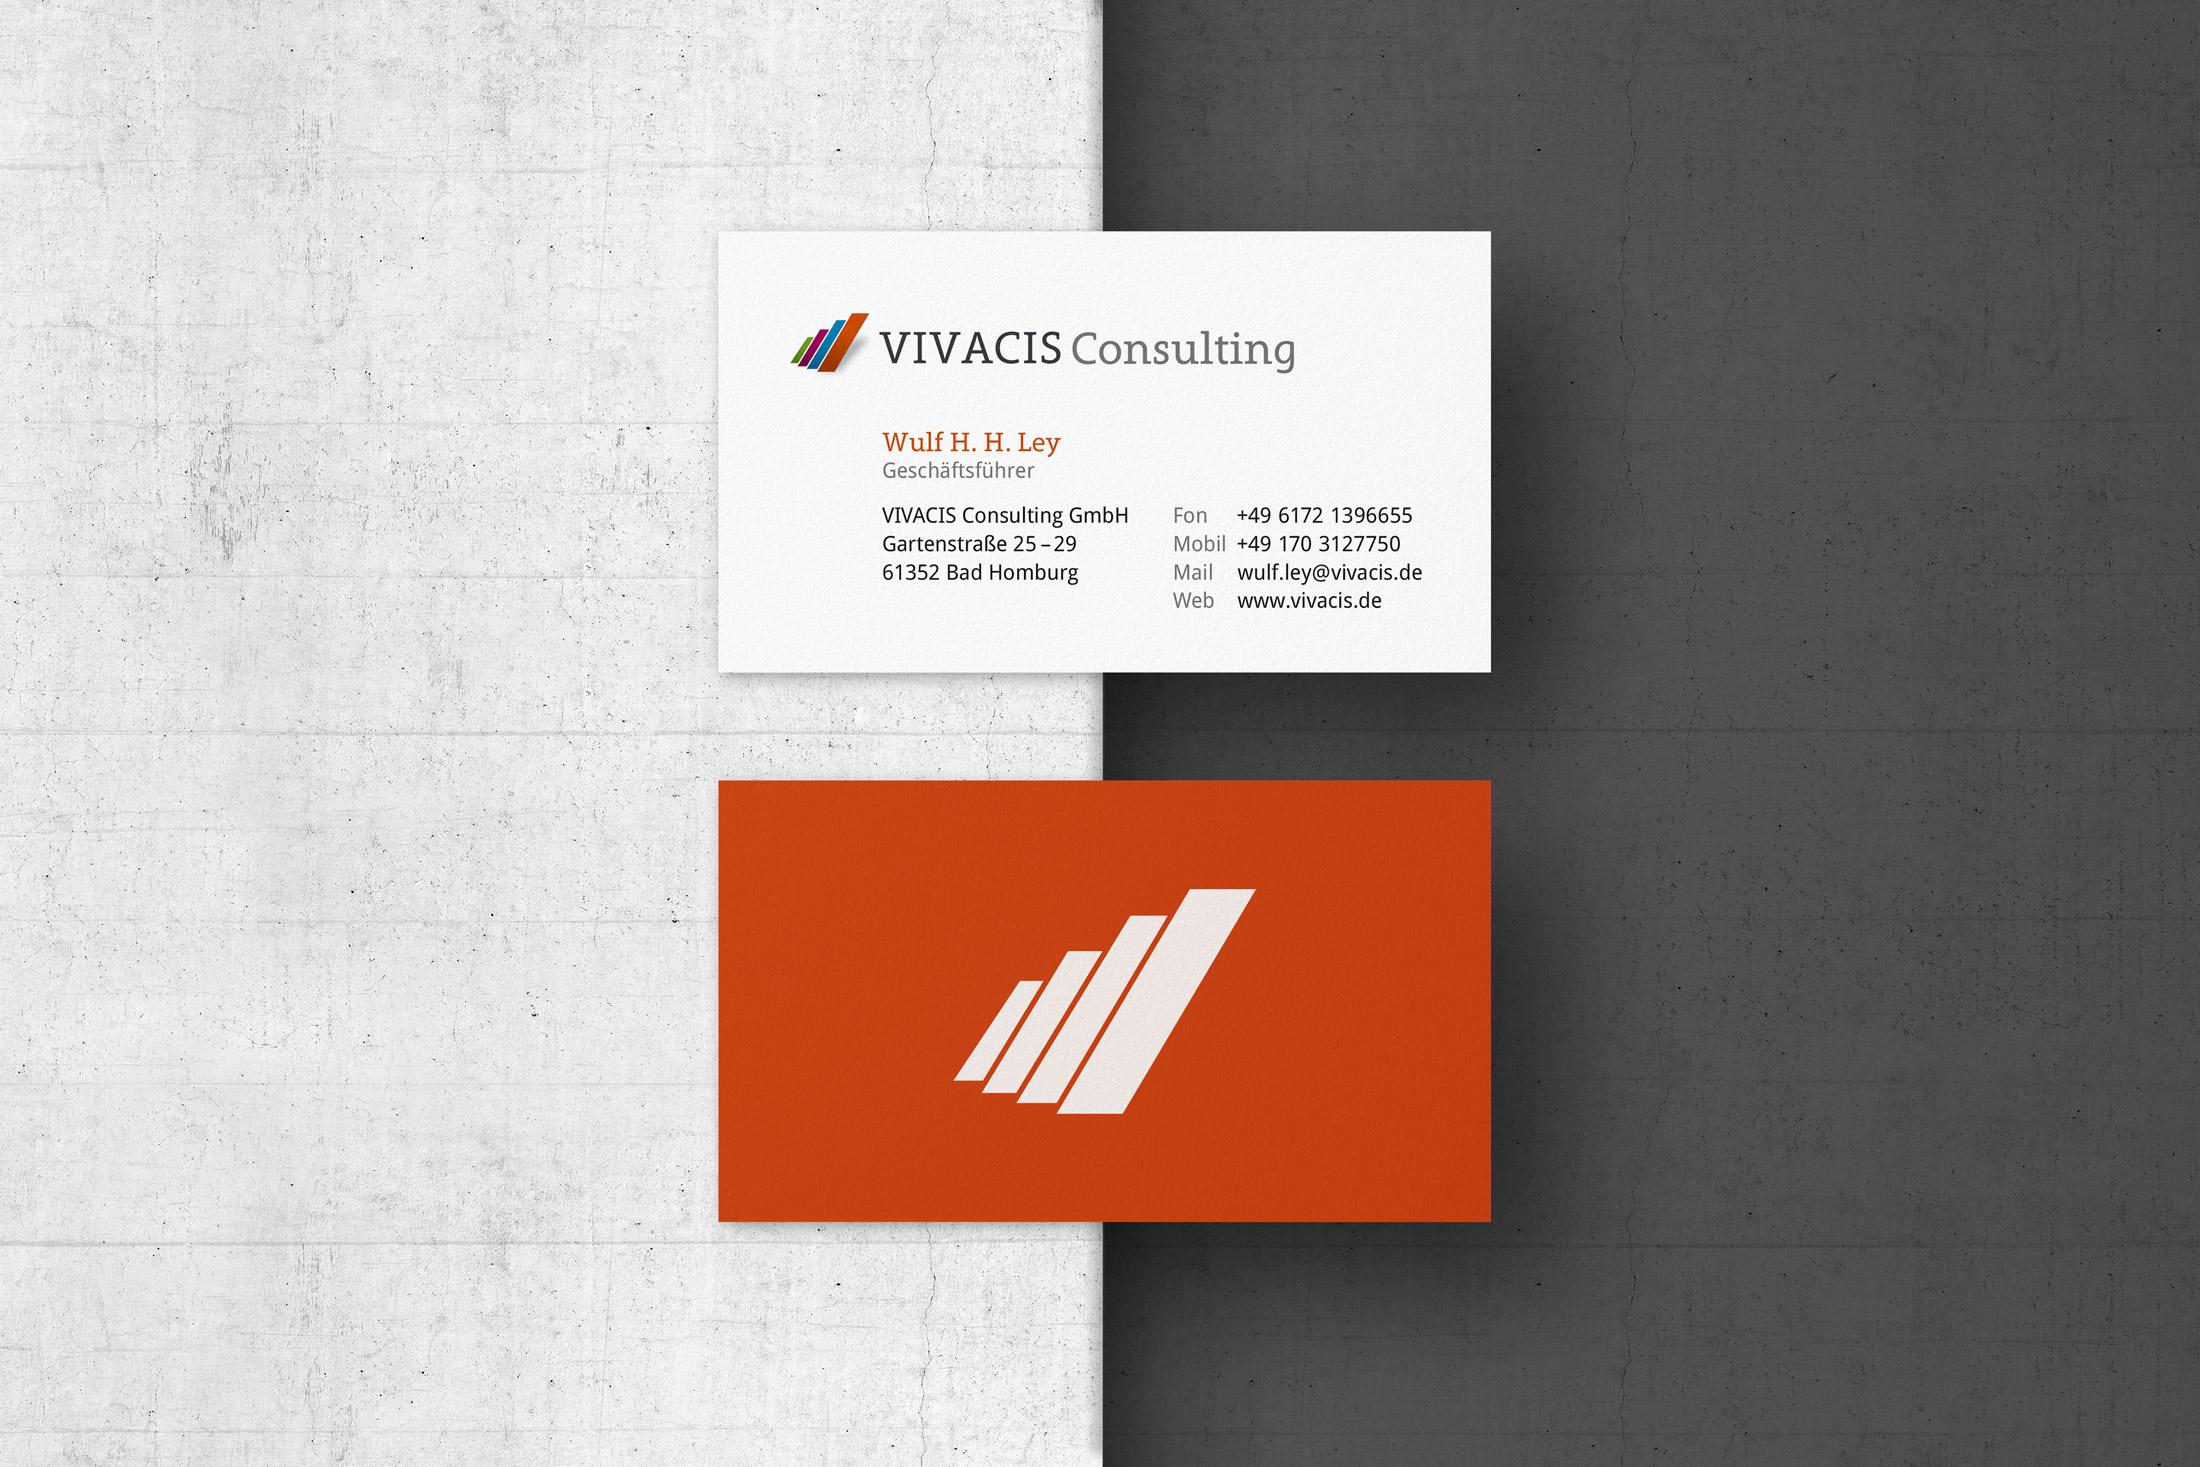 Visitenkarten Design für eine Unternehmensberatung aus Bad Homburg.